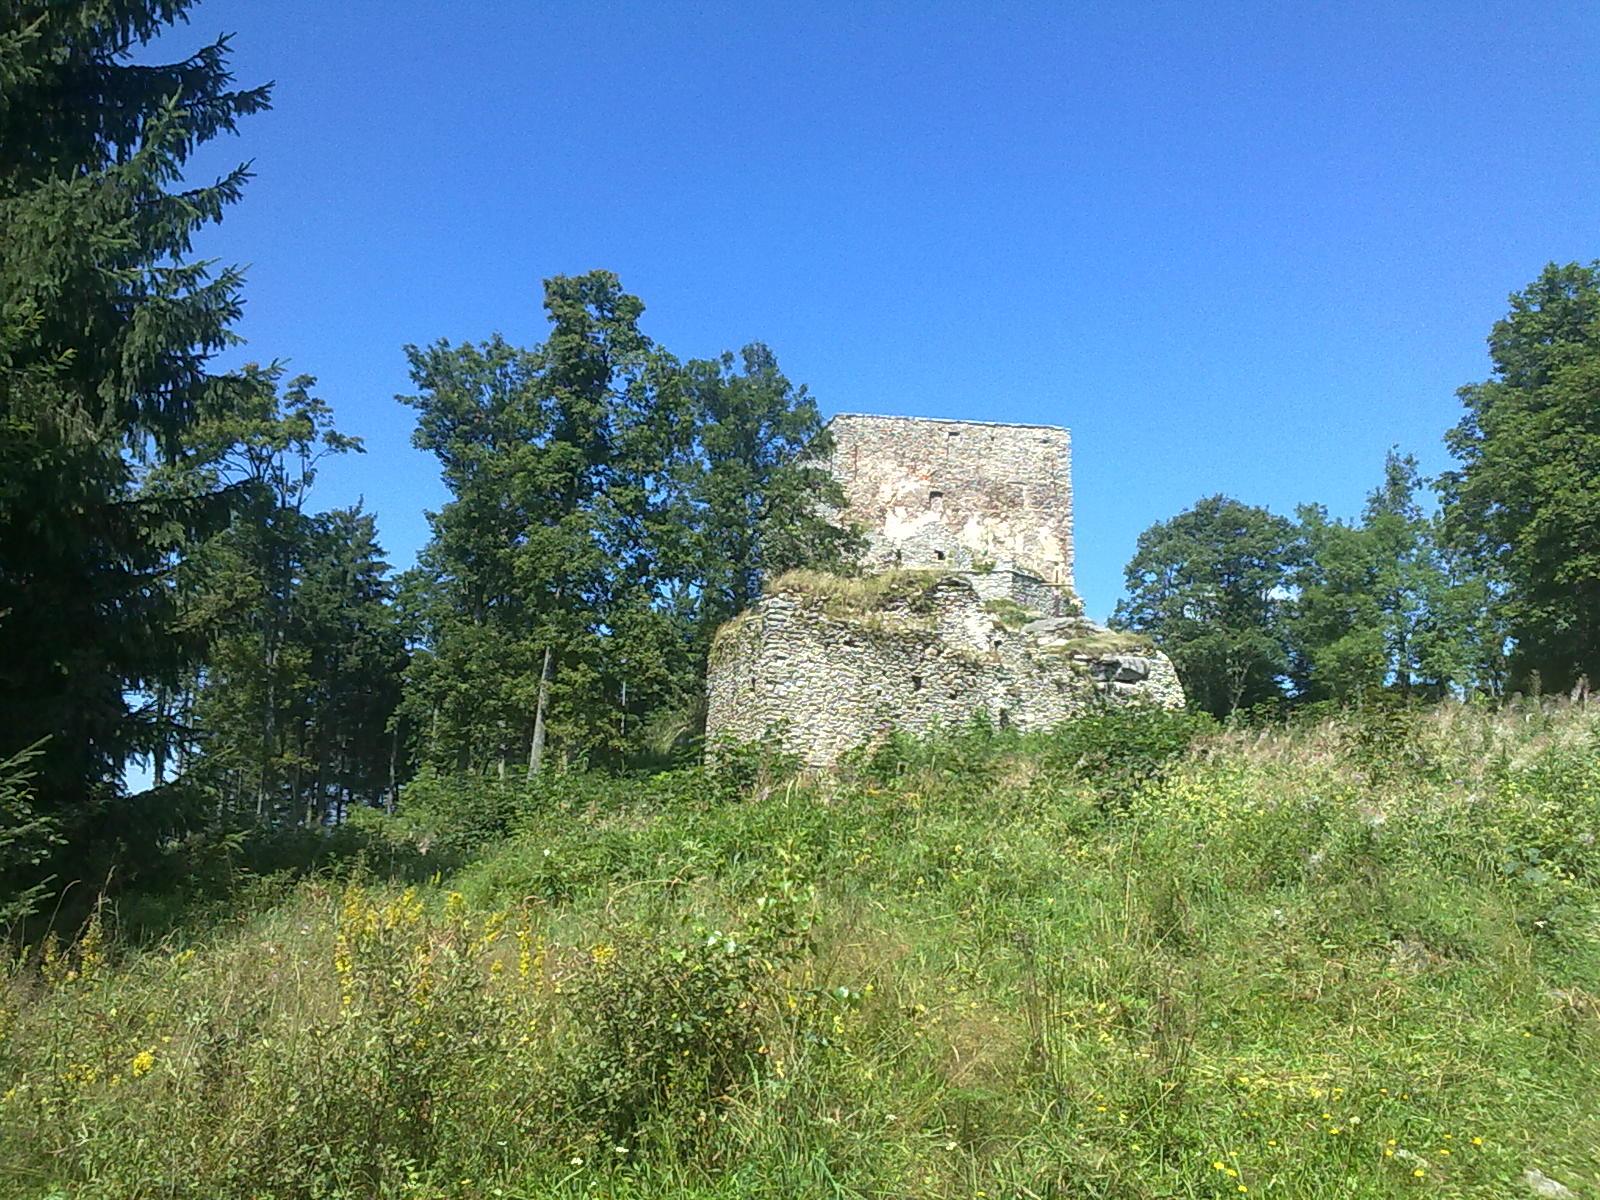 Vitkuv hradek